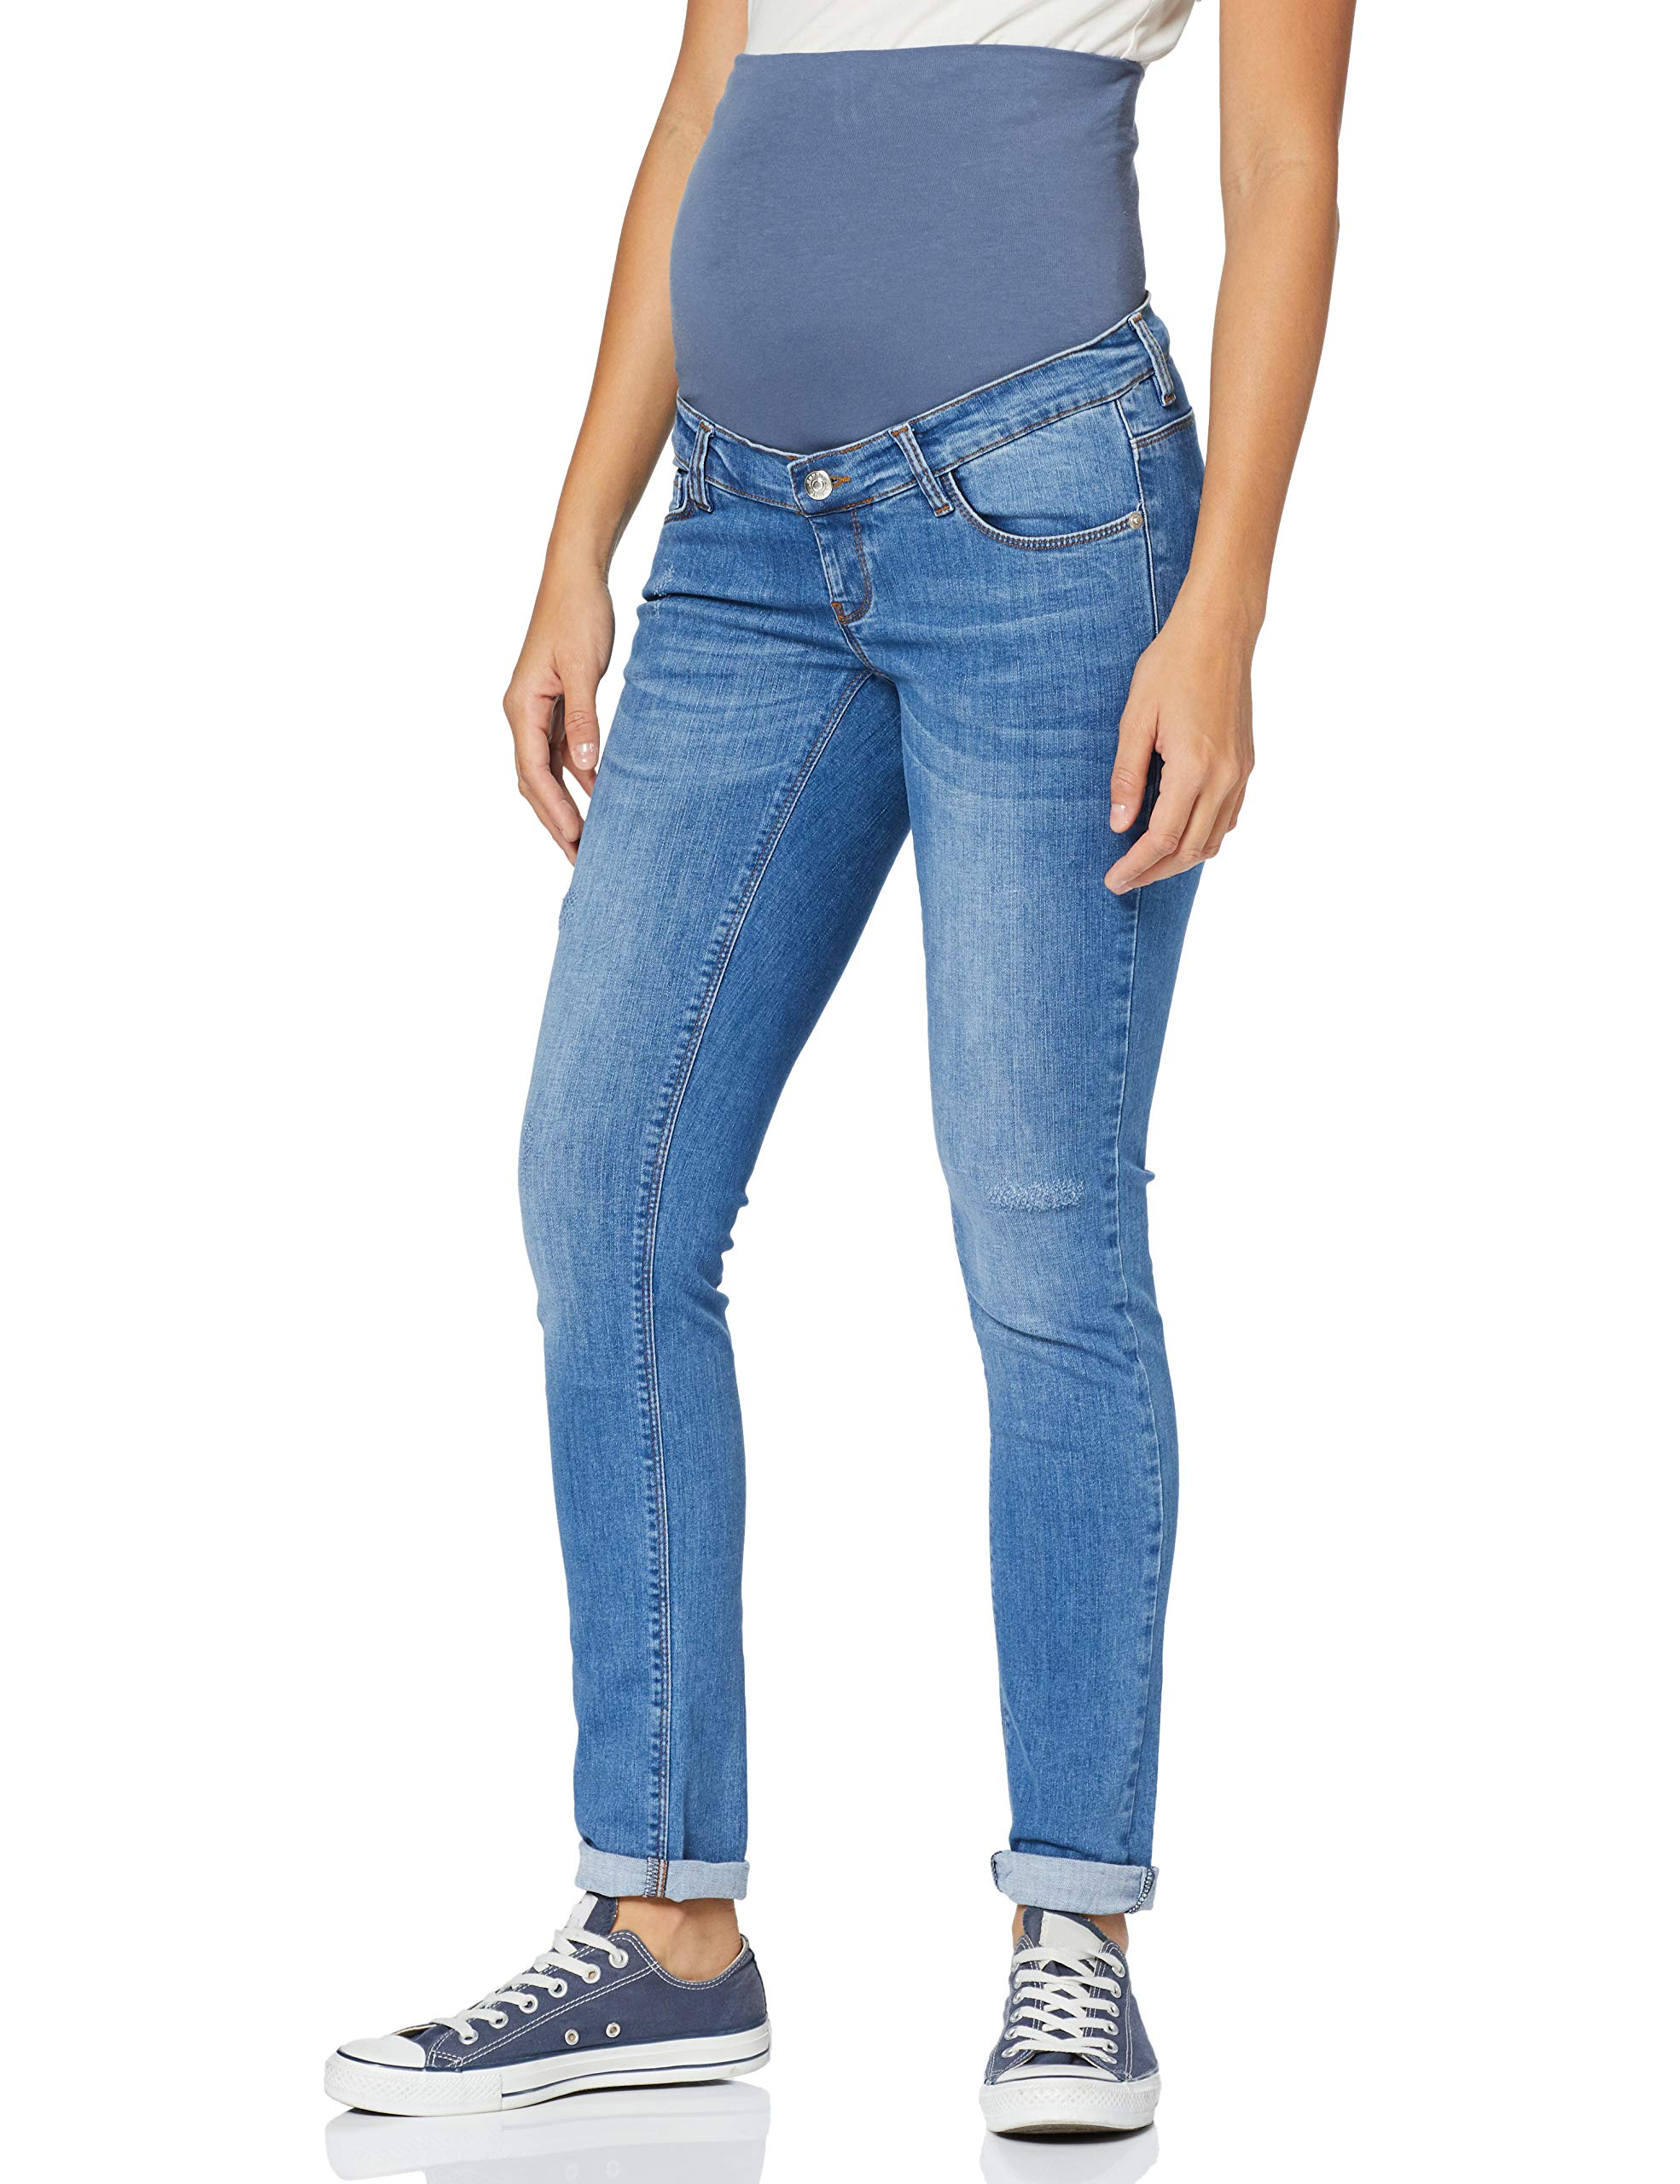 Maternity l32taille maternitéBleumedium 960W31 32Femme Slim Esprit Otb Wash Denim Jeans Fabricant40 Pants qVpUGSzM